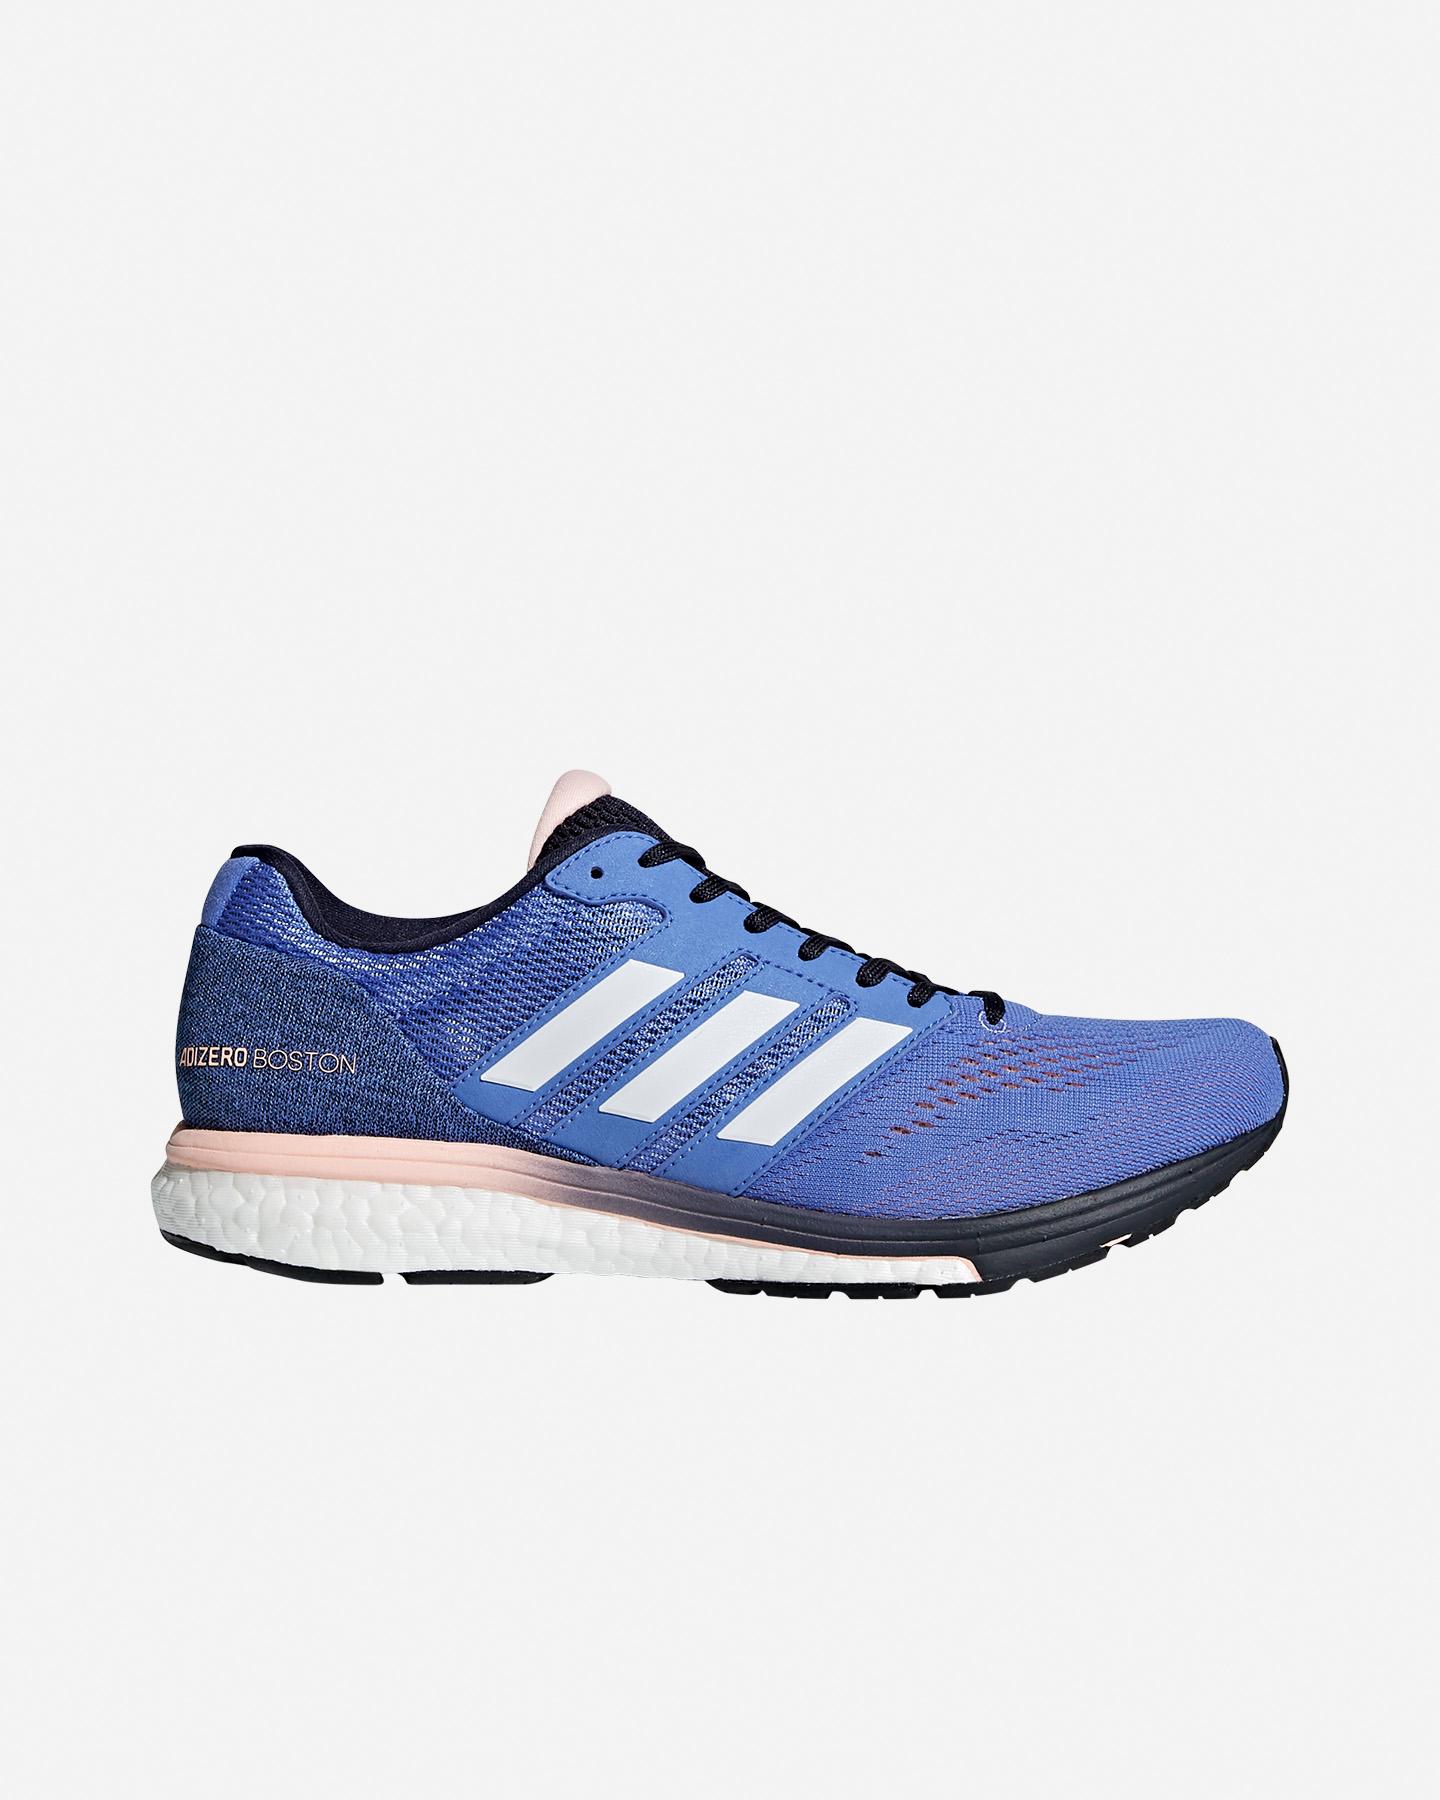 scarpe running adidas adizero boston